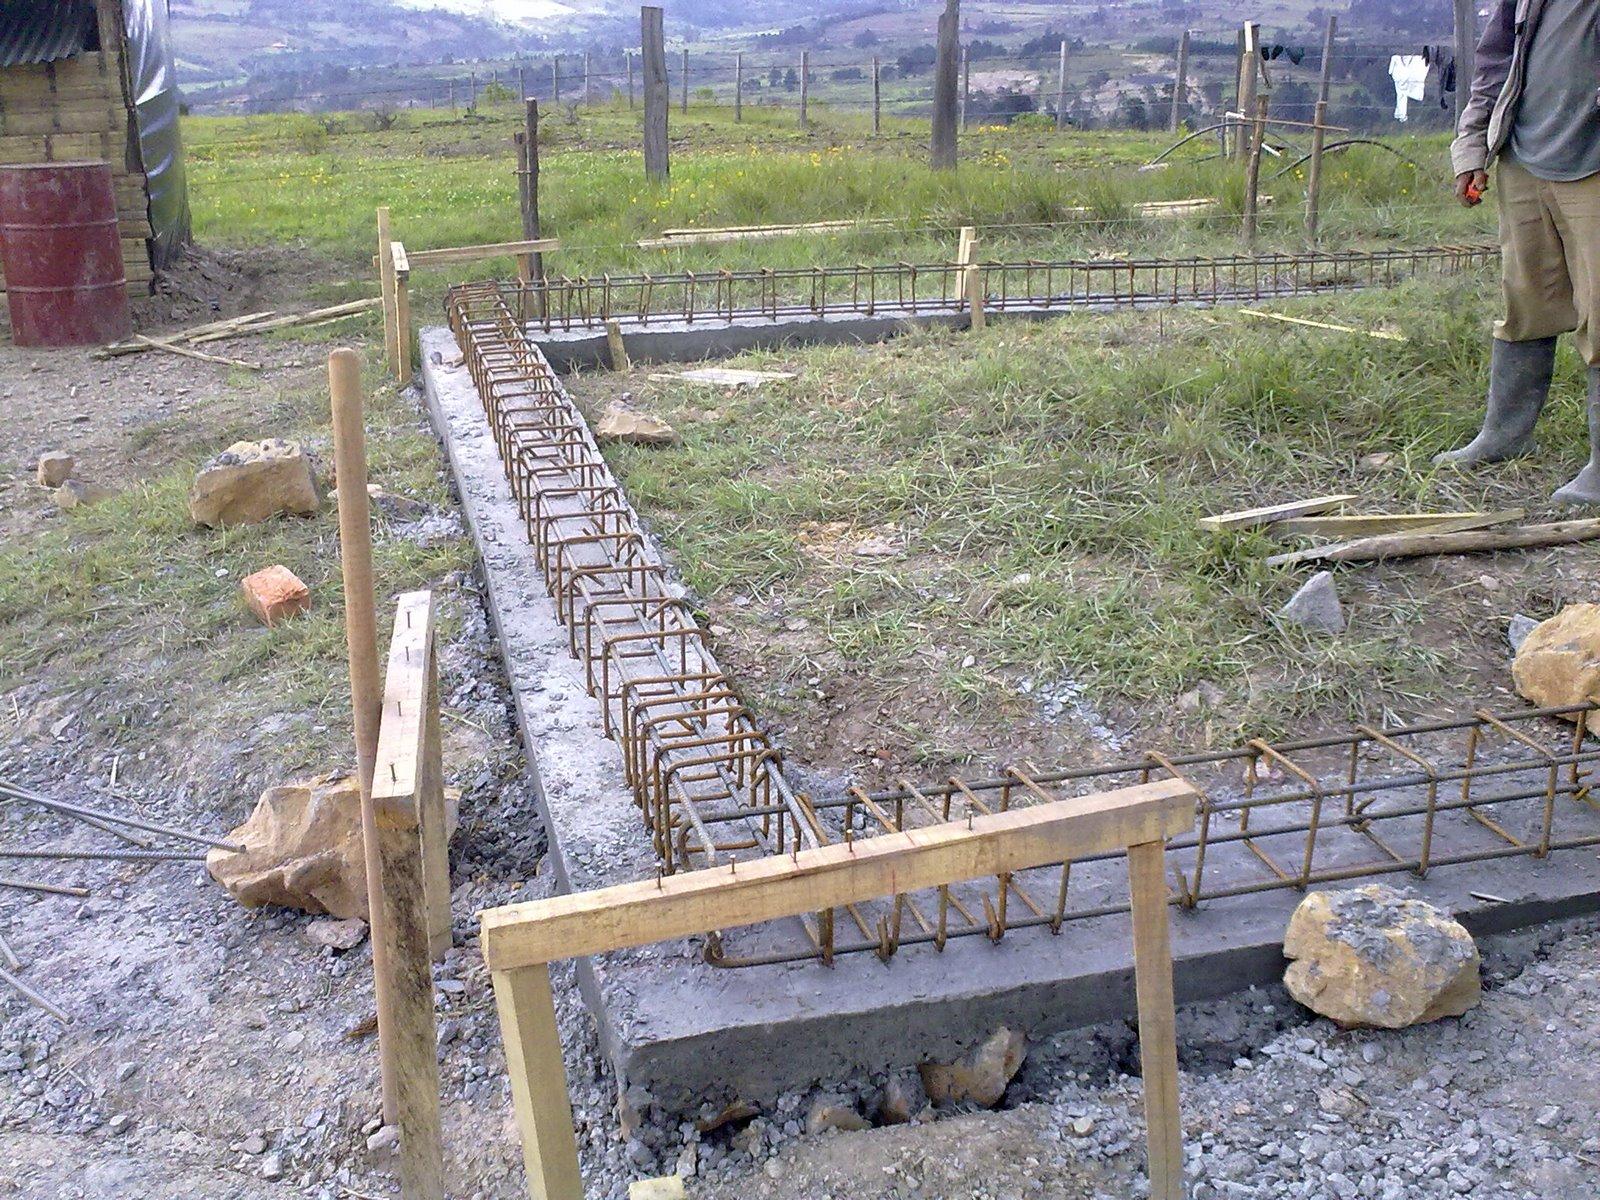 Villa de leyva la cueva november 2010 for Como hacer un piso de cemento paso a paso